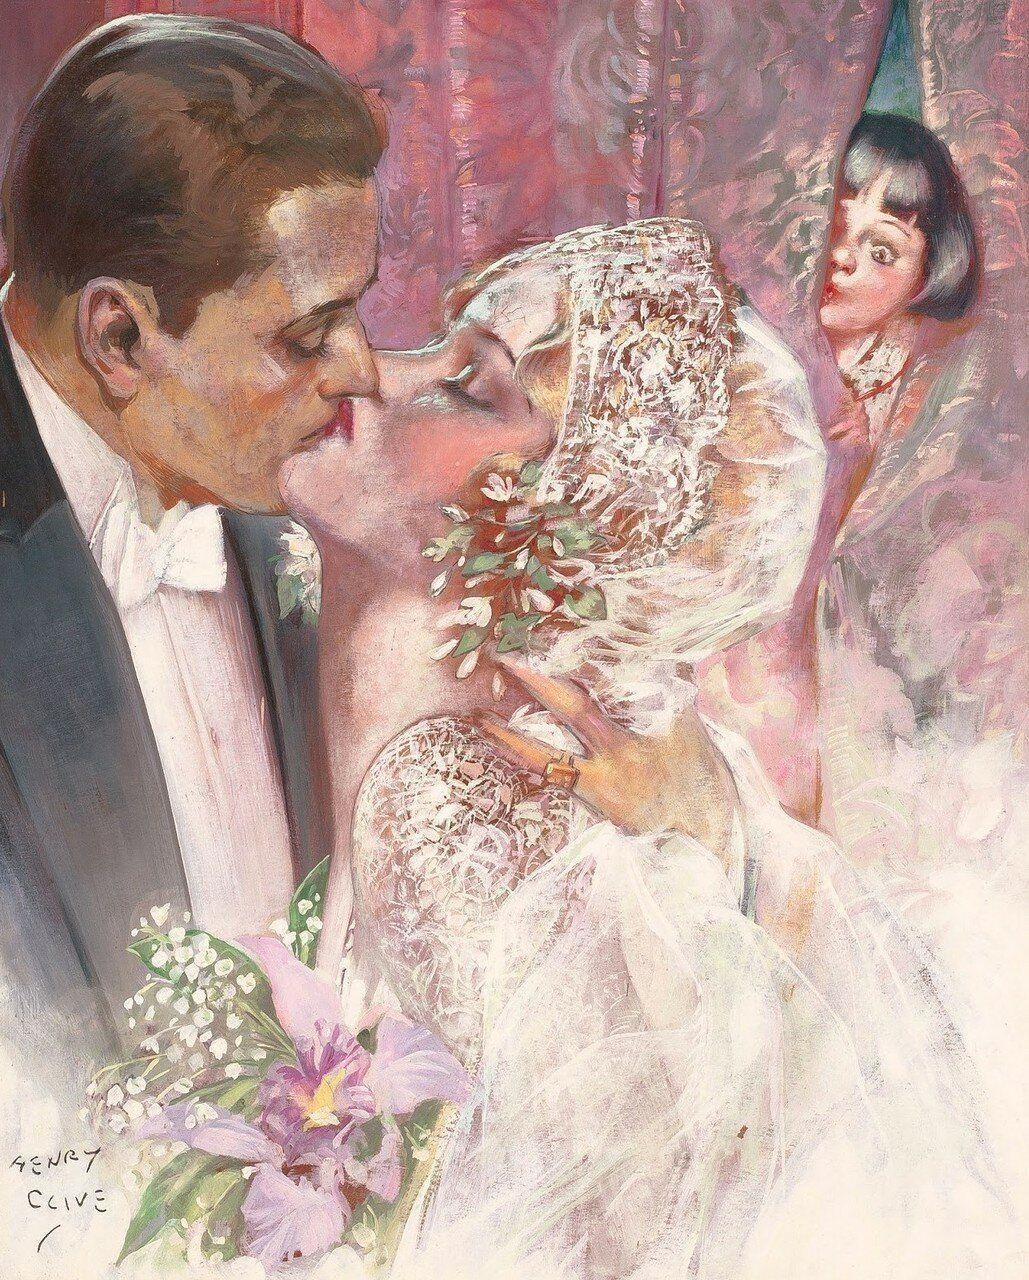 нашем случае литературные картинки свадьбы они применяются